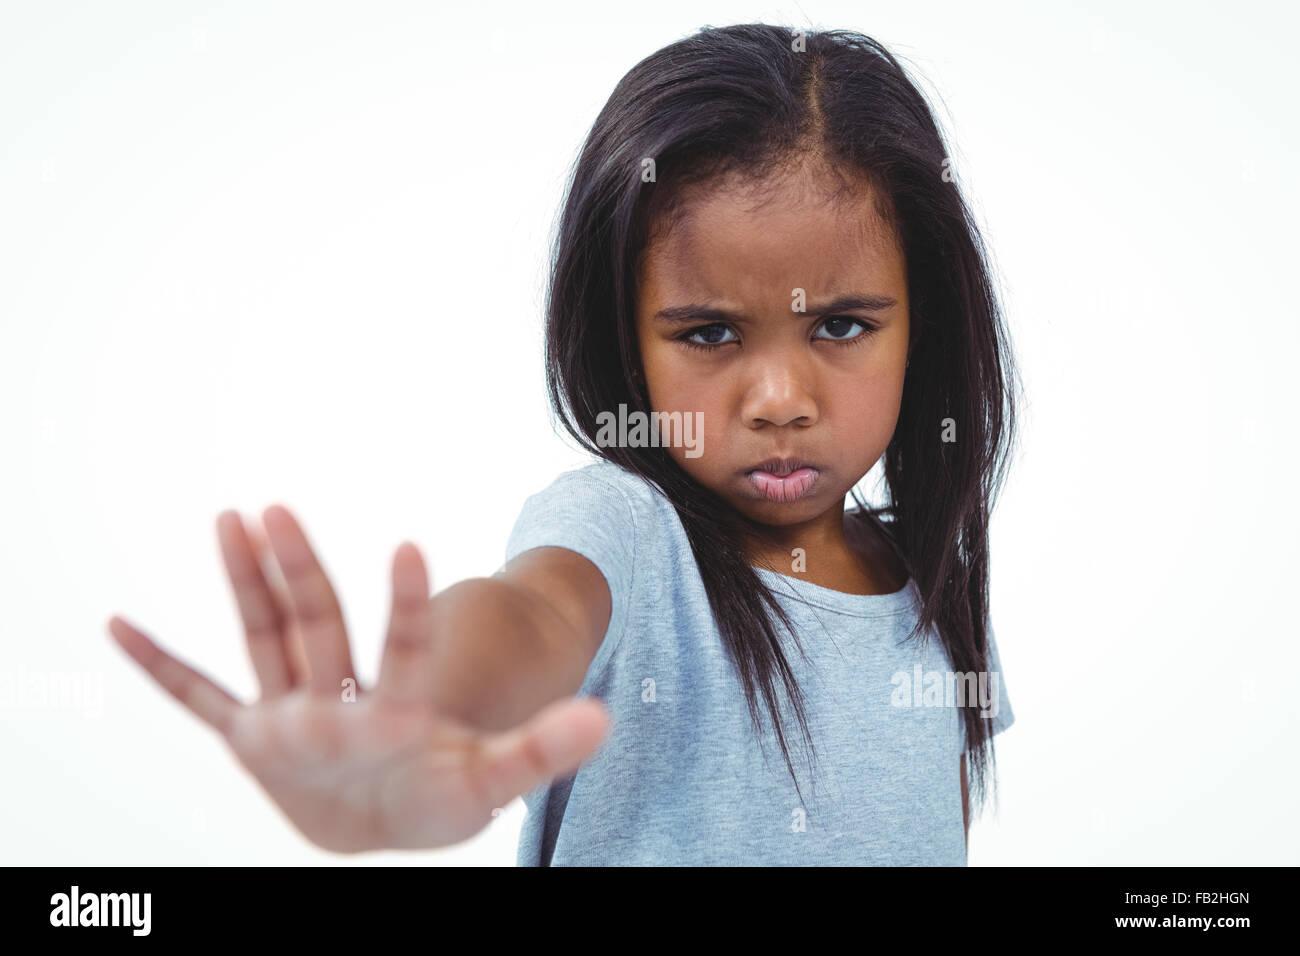 Chica haciendo mueca sosteniendo la mano a la cámara Imagen De Stock